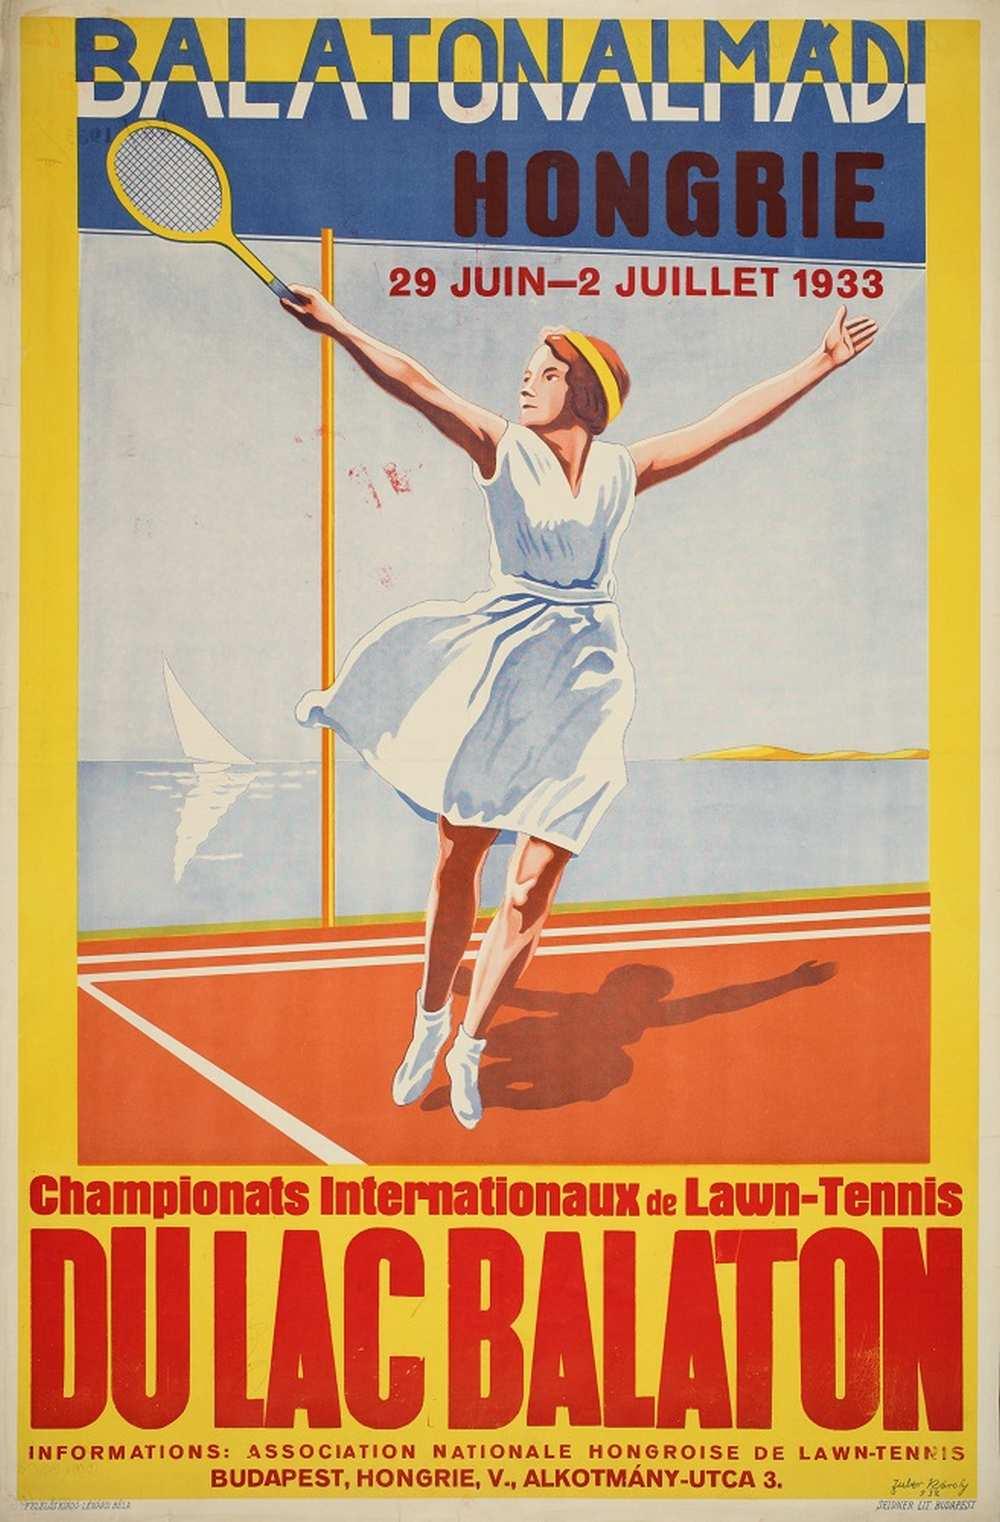 Zuber Károly: Balatonalmádi Campionats Internationaux de Lawn-Tennis (1933). Jelzet: PKG.1933/46 – Térkép-, Plakát- és Kisnyomtatványtár http://nektar.oszk.hu/hu/manifestation/2789891